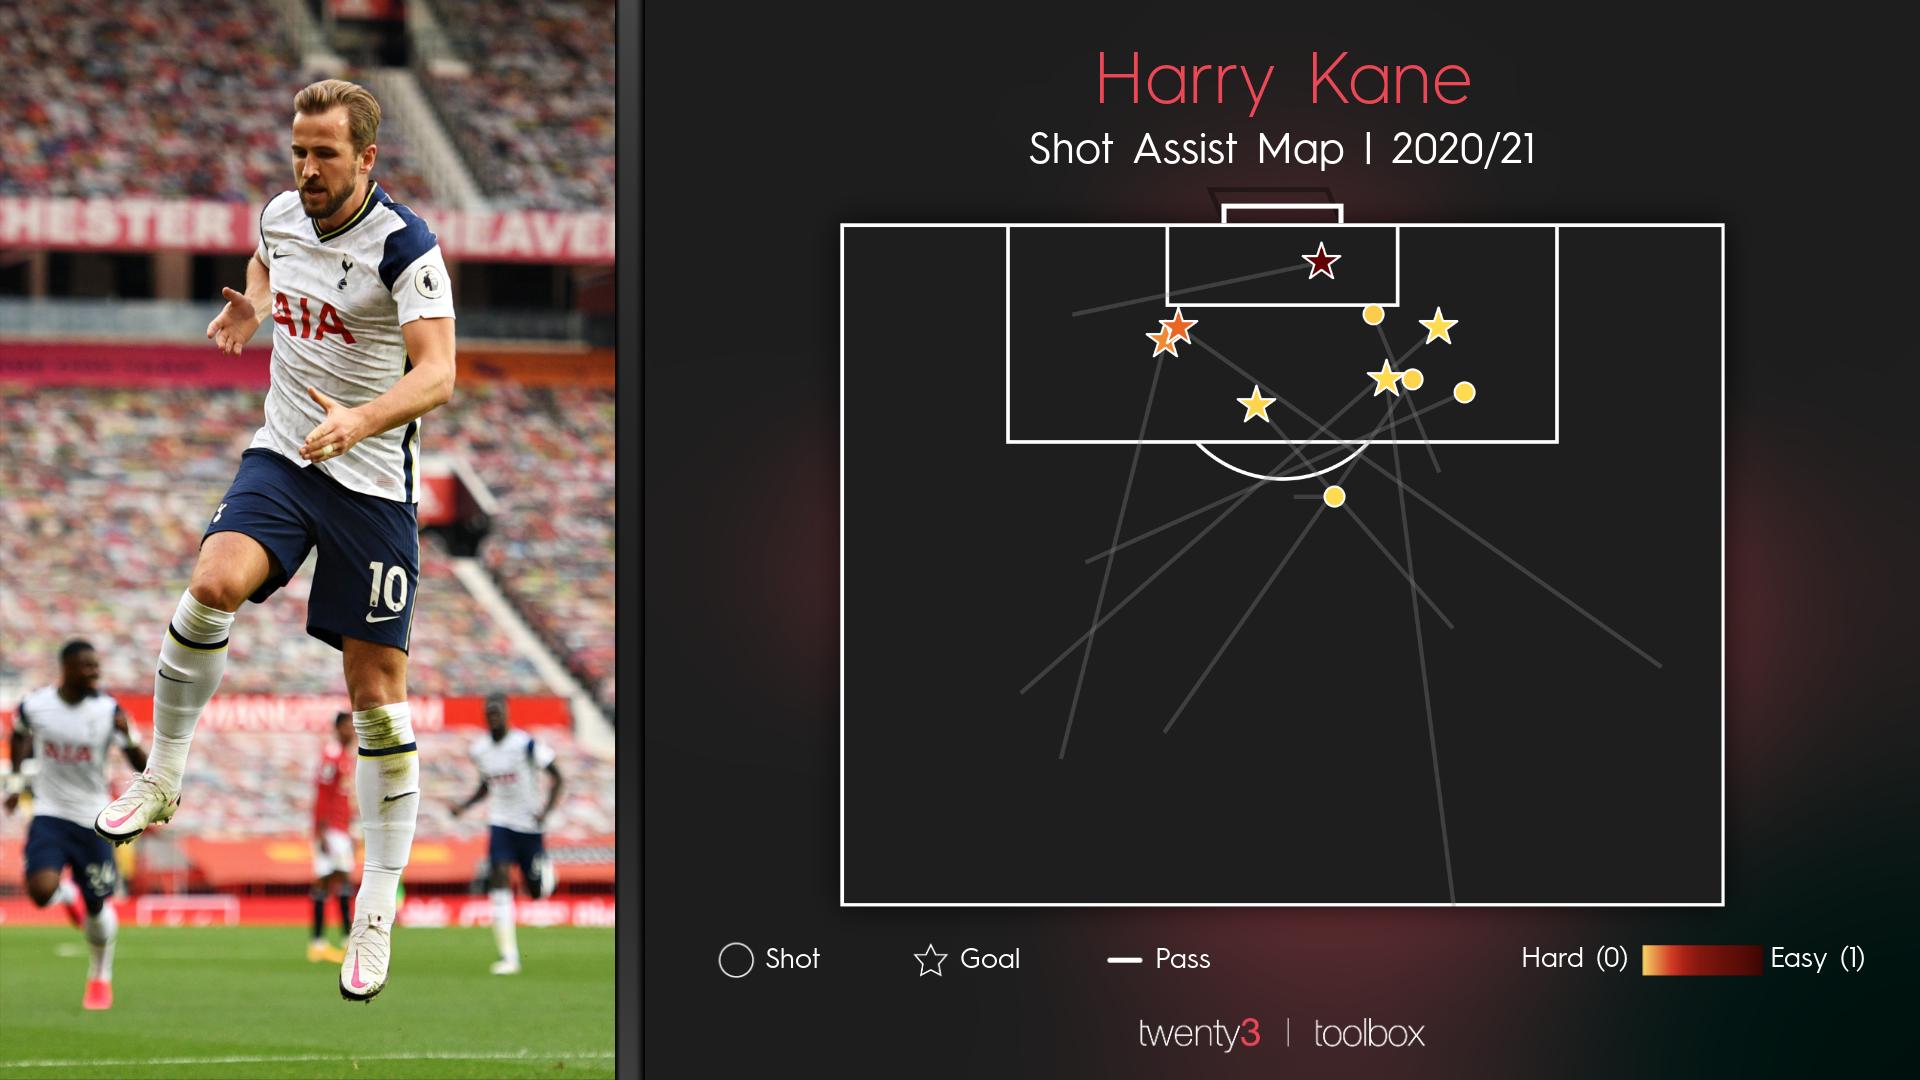 Harry Kane shot assist map for Spurs, Premier League 2020/21